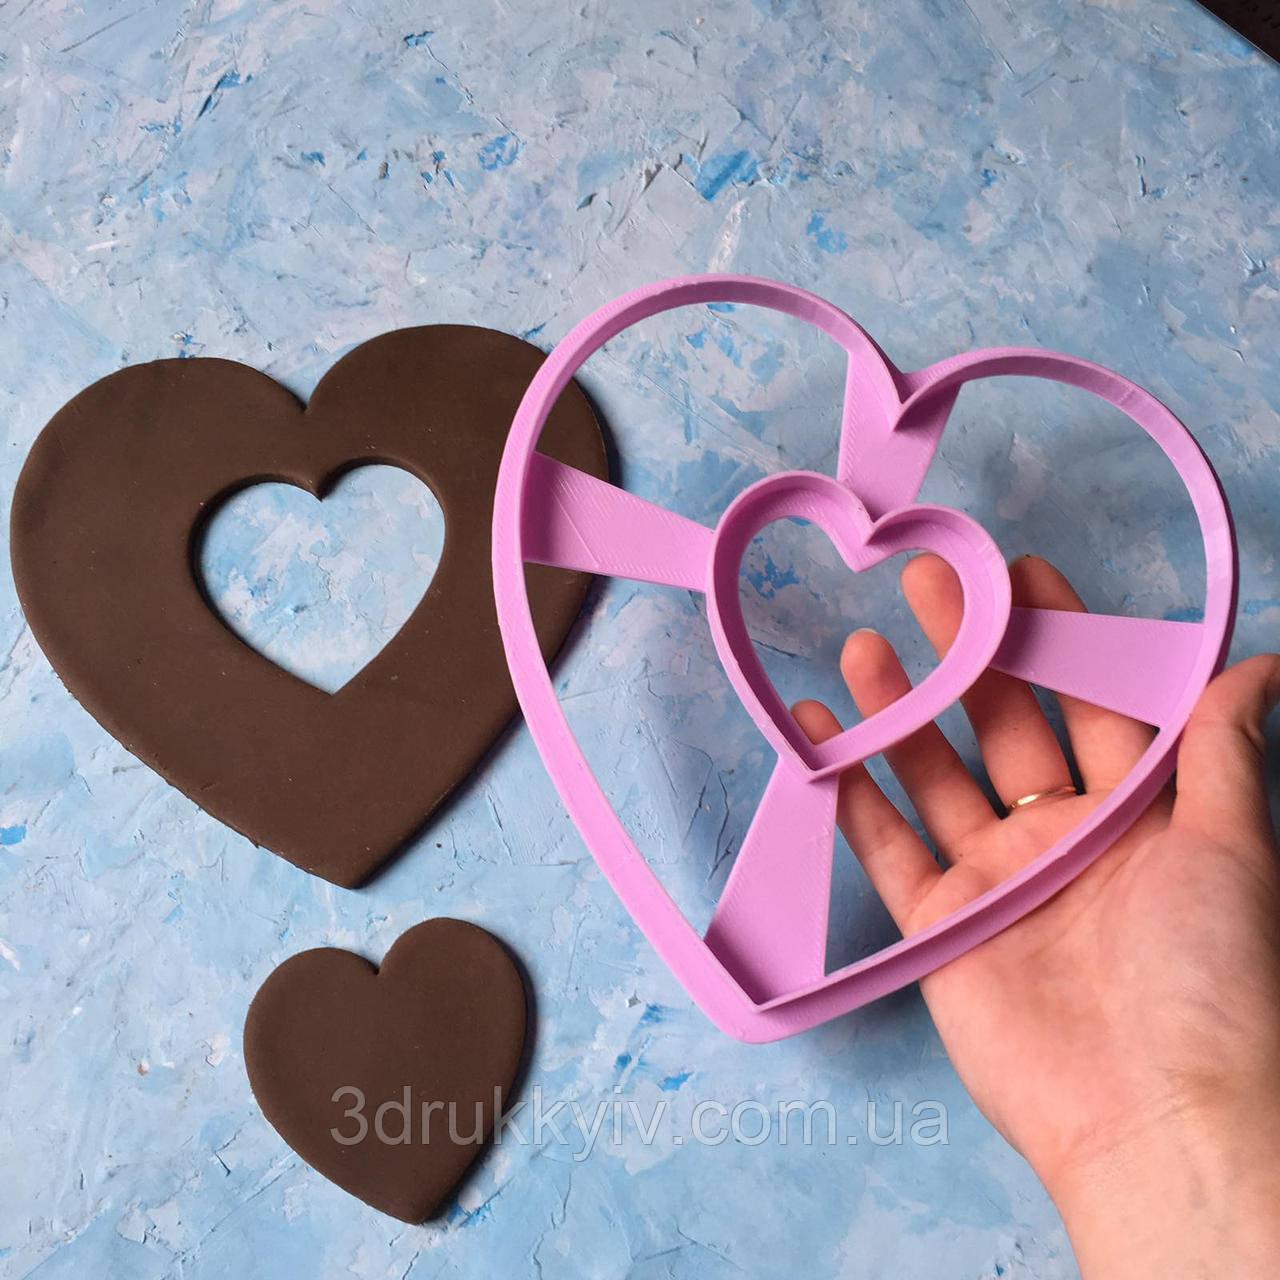 Вирубка ТОРТ - СЕРЦЕ 17см. / Вырубка - формочка для торта - сердца, коржей 17 см. / Торт - сердце